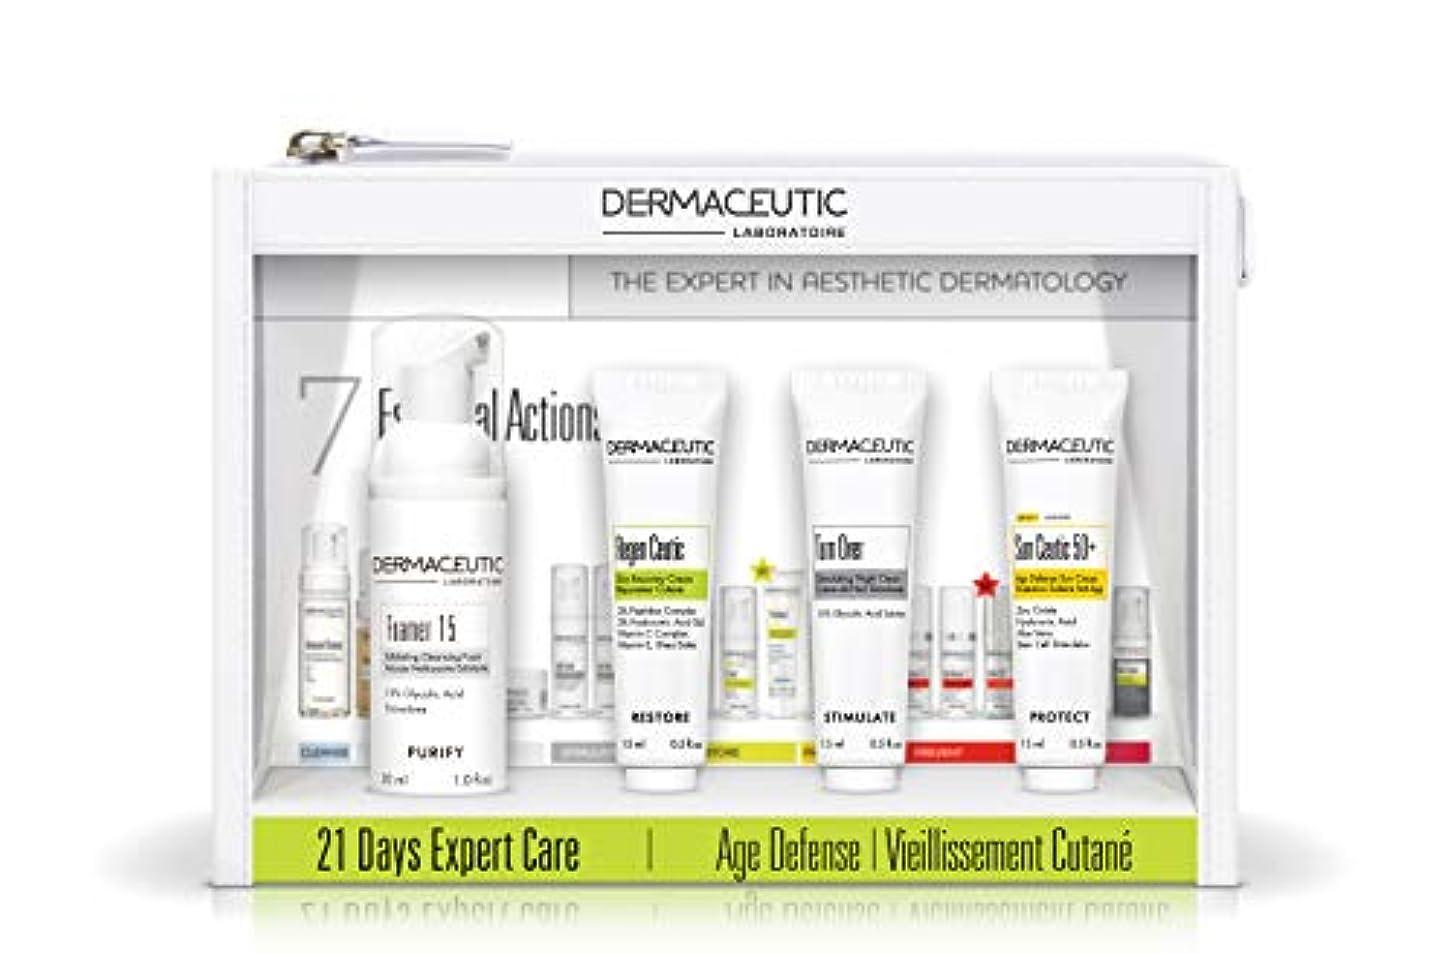 エイリアン迅速着服ダーマシューティック 21デイエキスパートケアキット?アドバンストリカバリー[ヤマト便] (Dermaceutic)21 Days Expert Care Kit Advanced Recovery